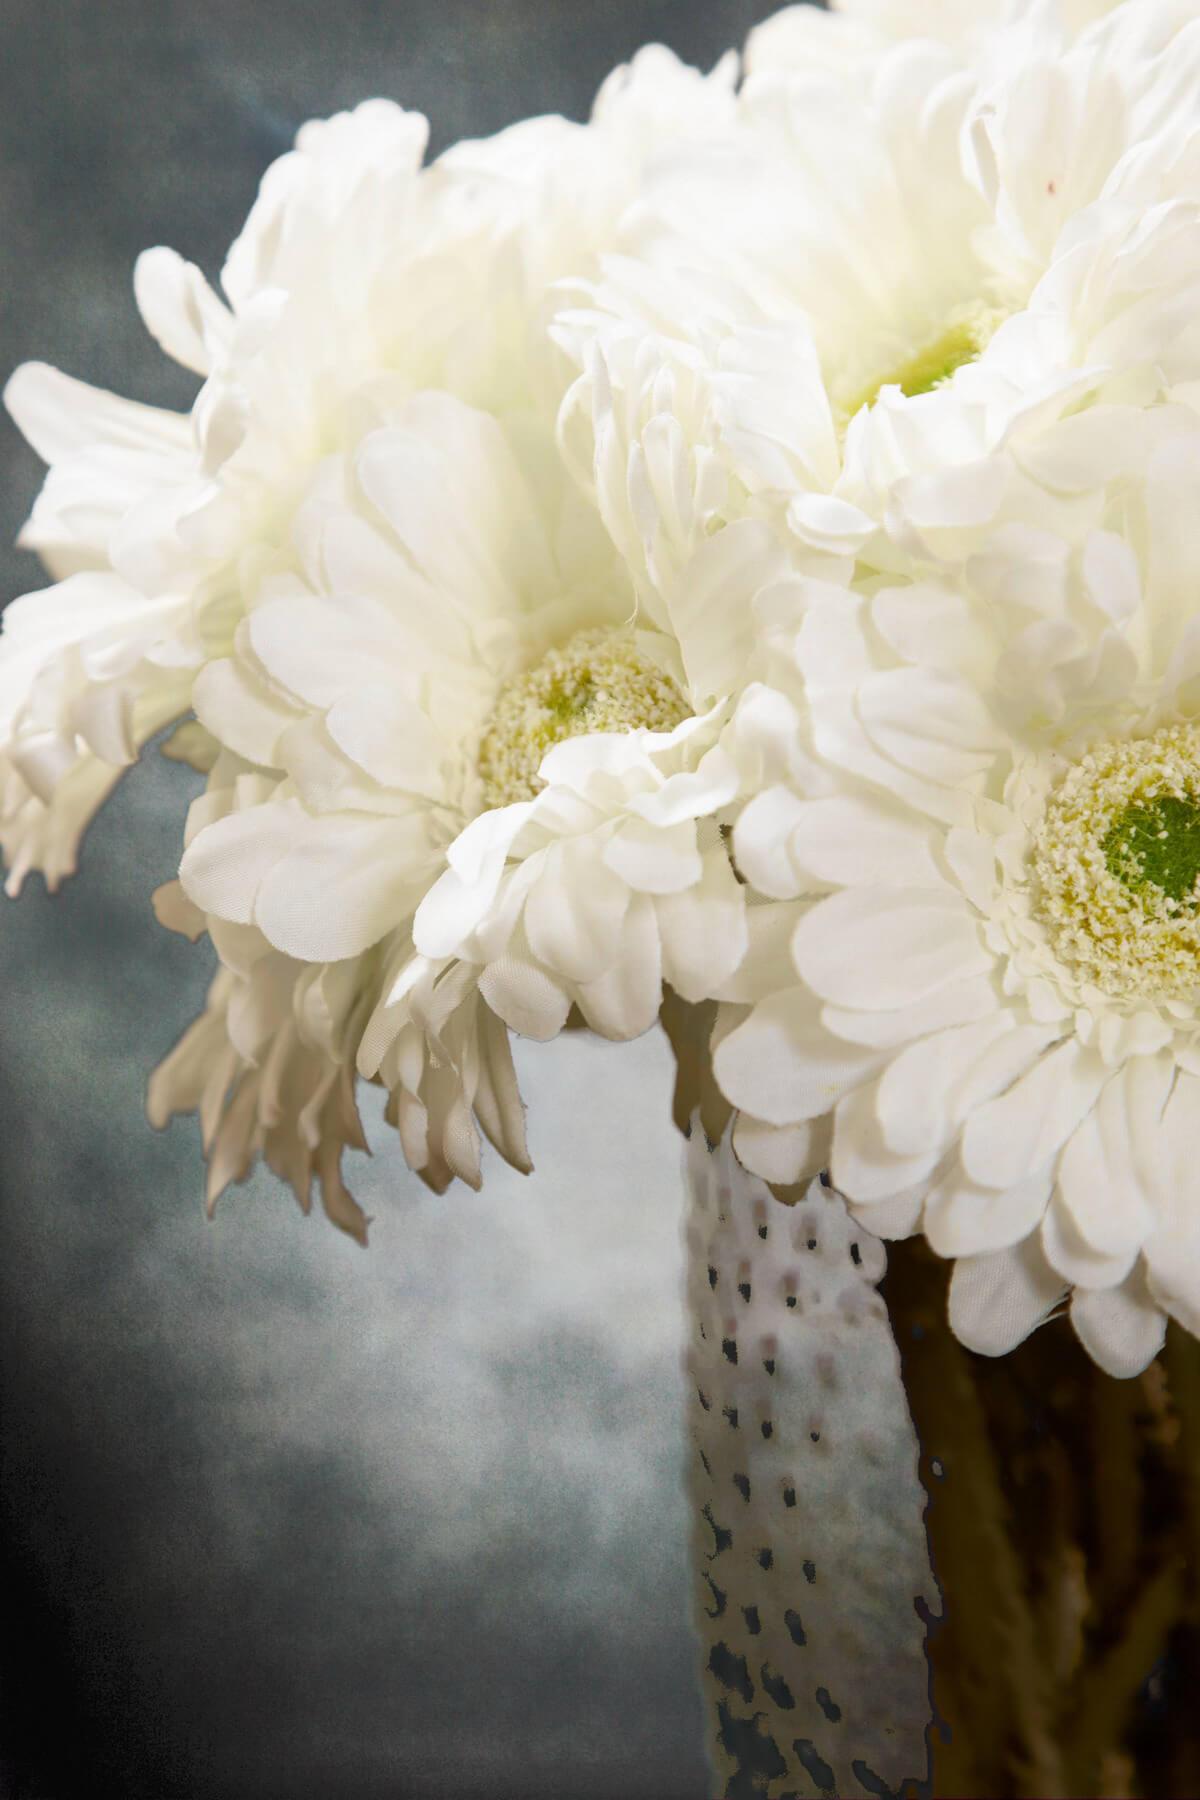 24 cream white gerbera daisy flowers 9 izmirmasajfo